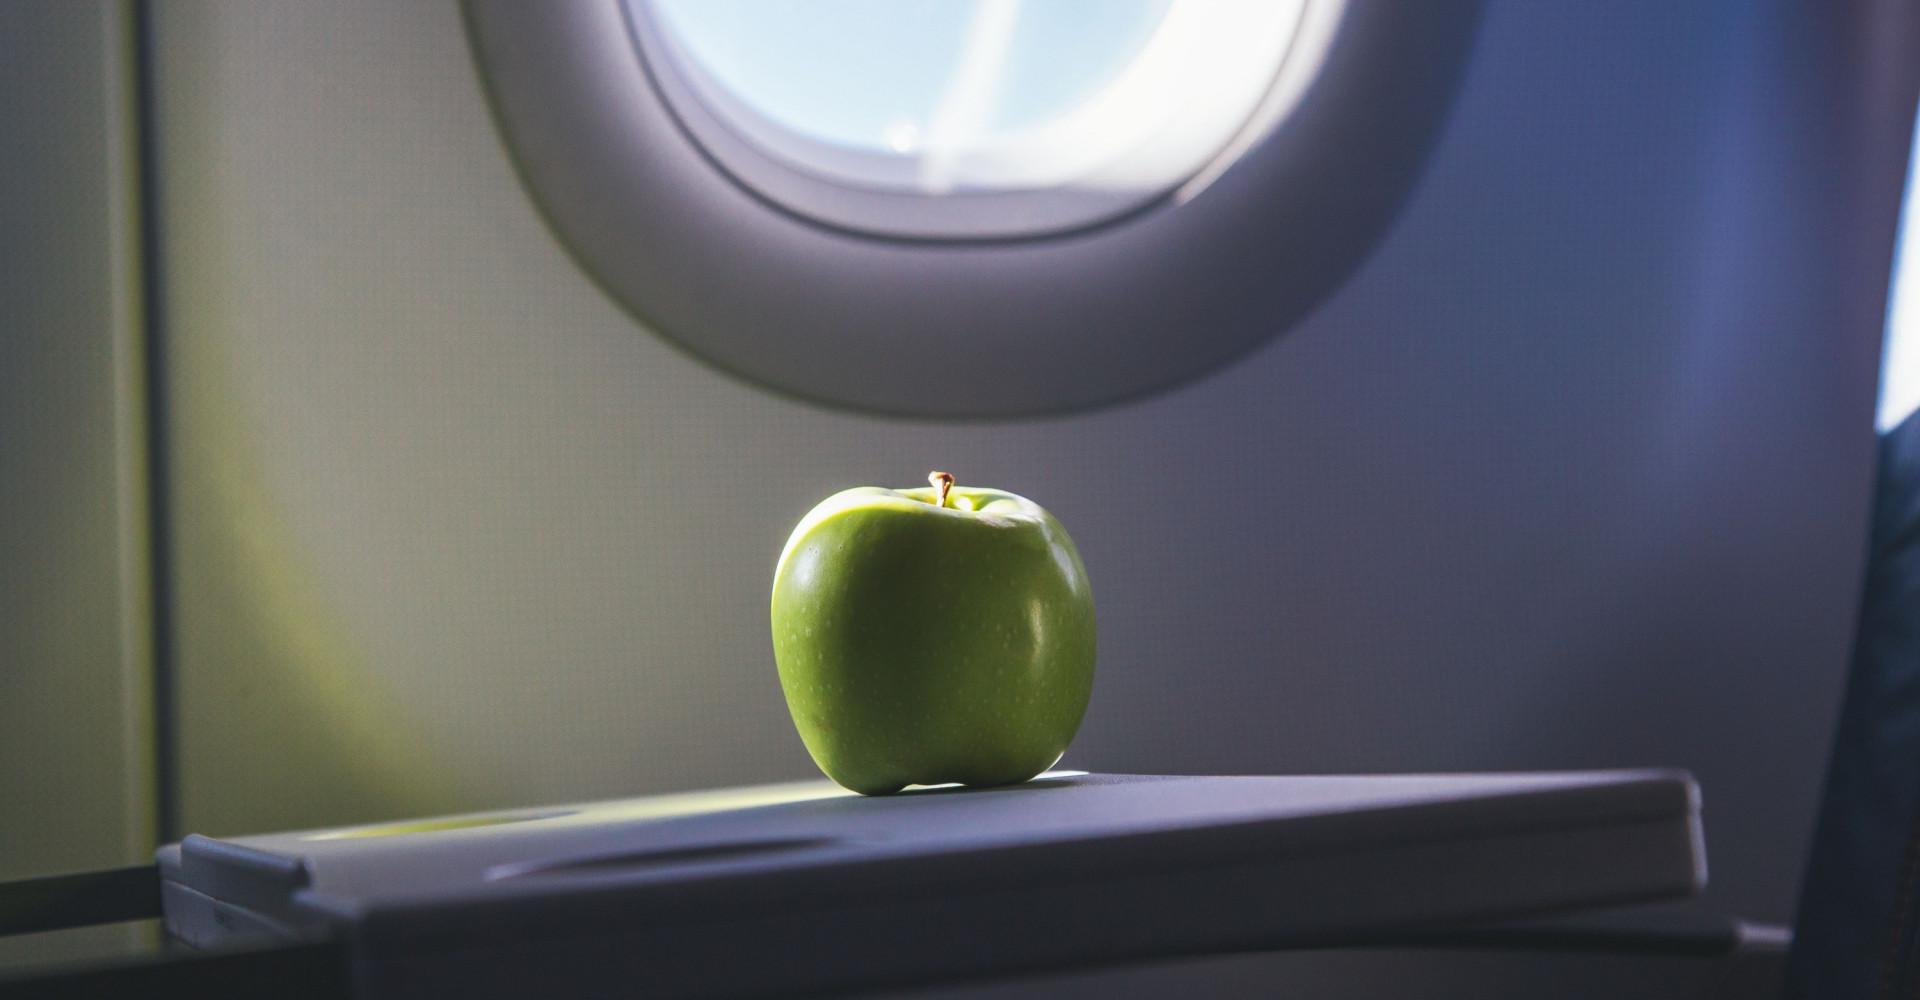 Vrouw bewaart vliegtuig snack en krijgt flinke boete